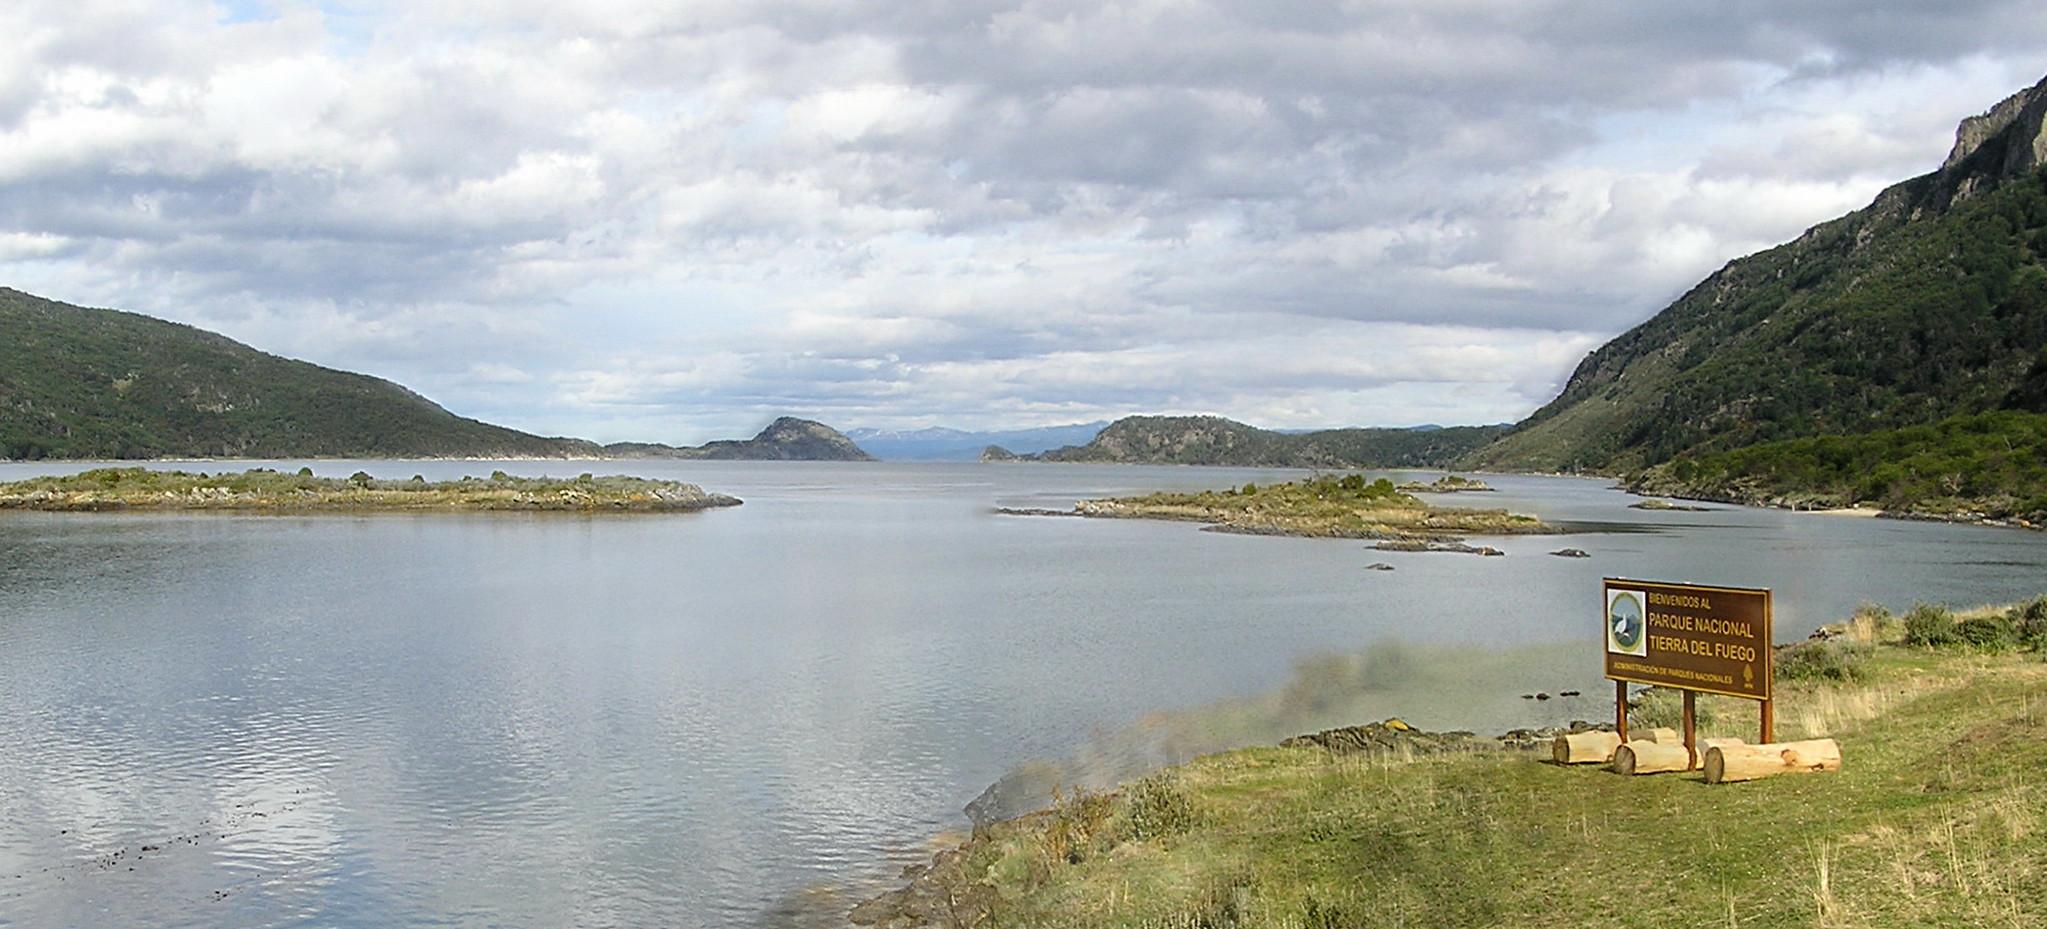 Lago Roca Tierra de Fuego Argentina